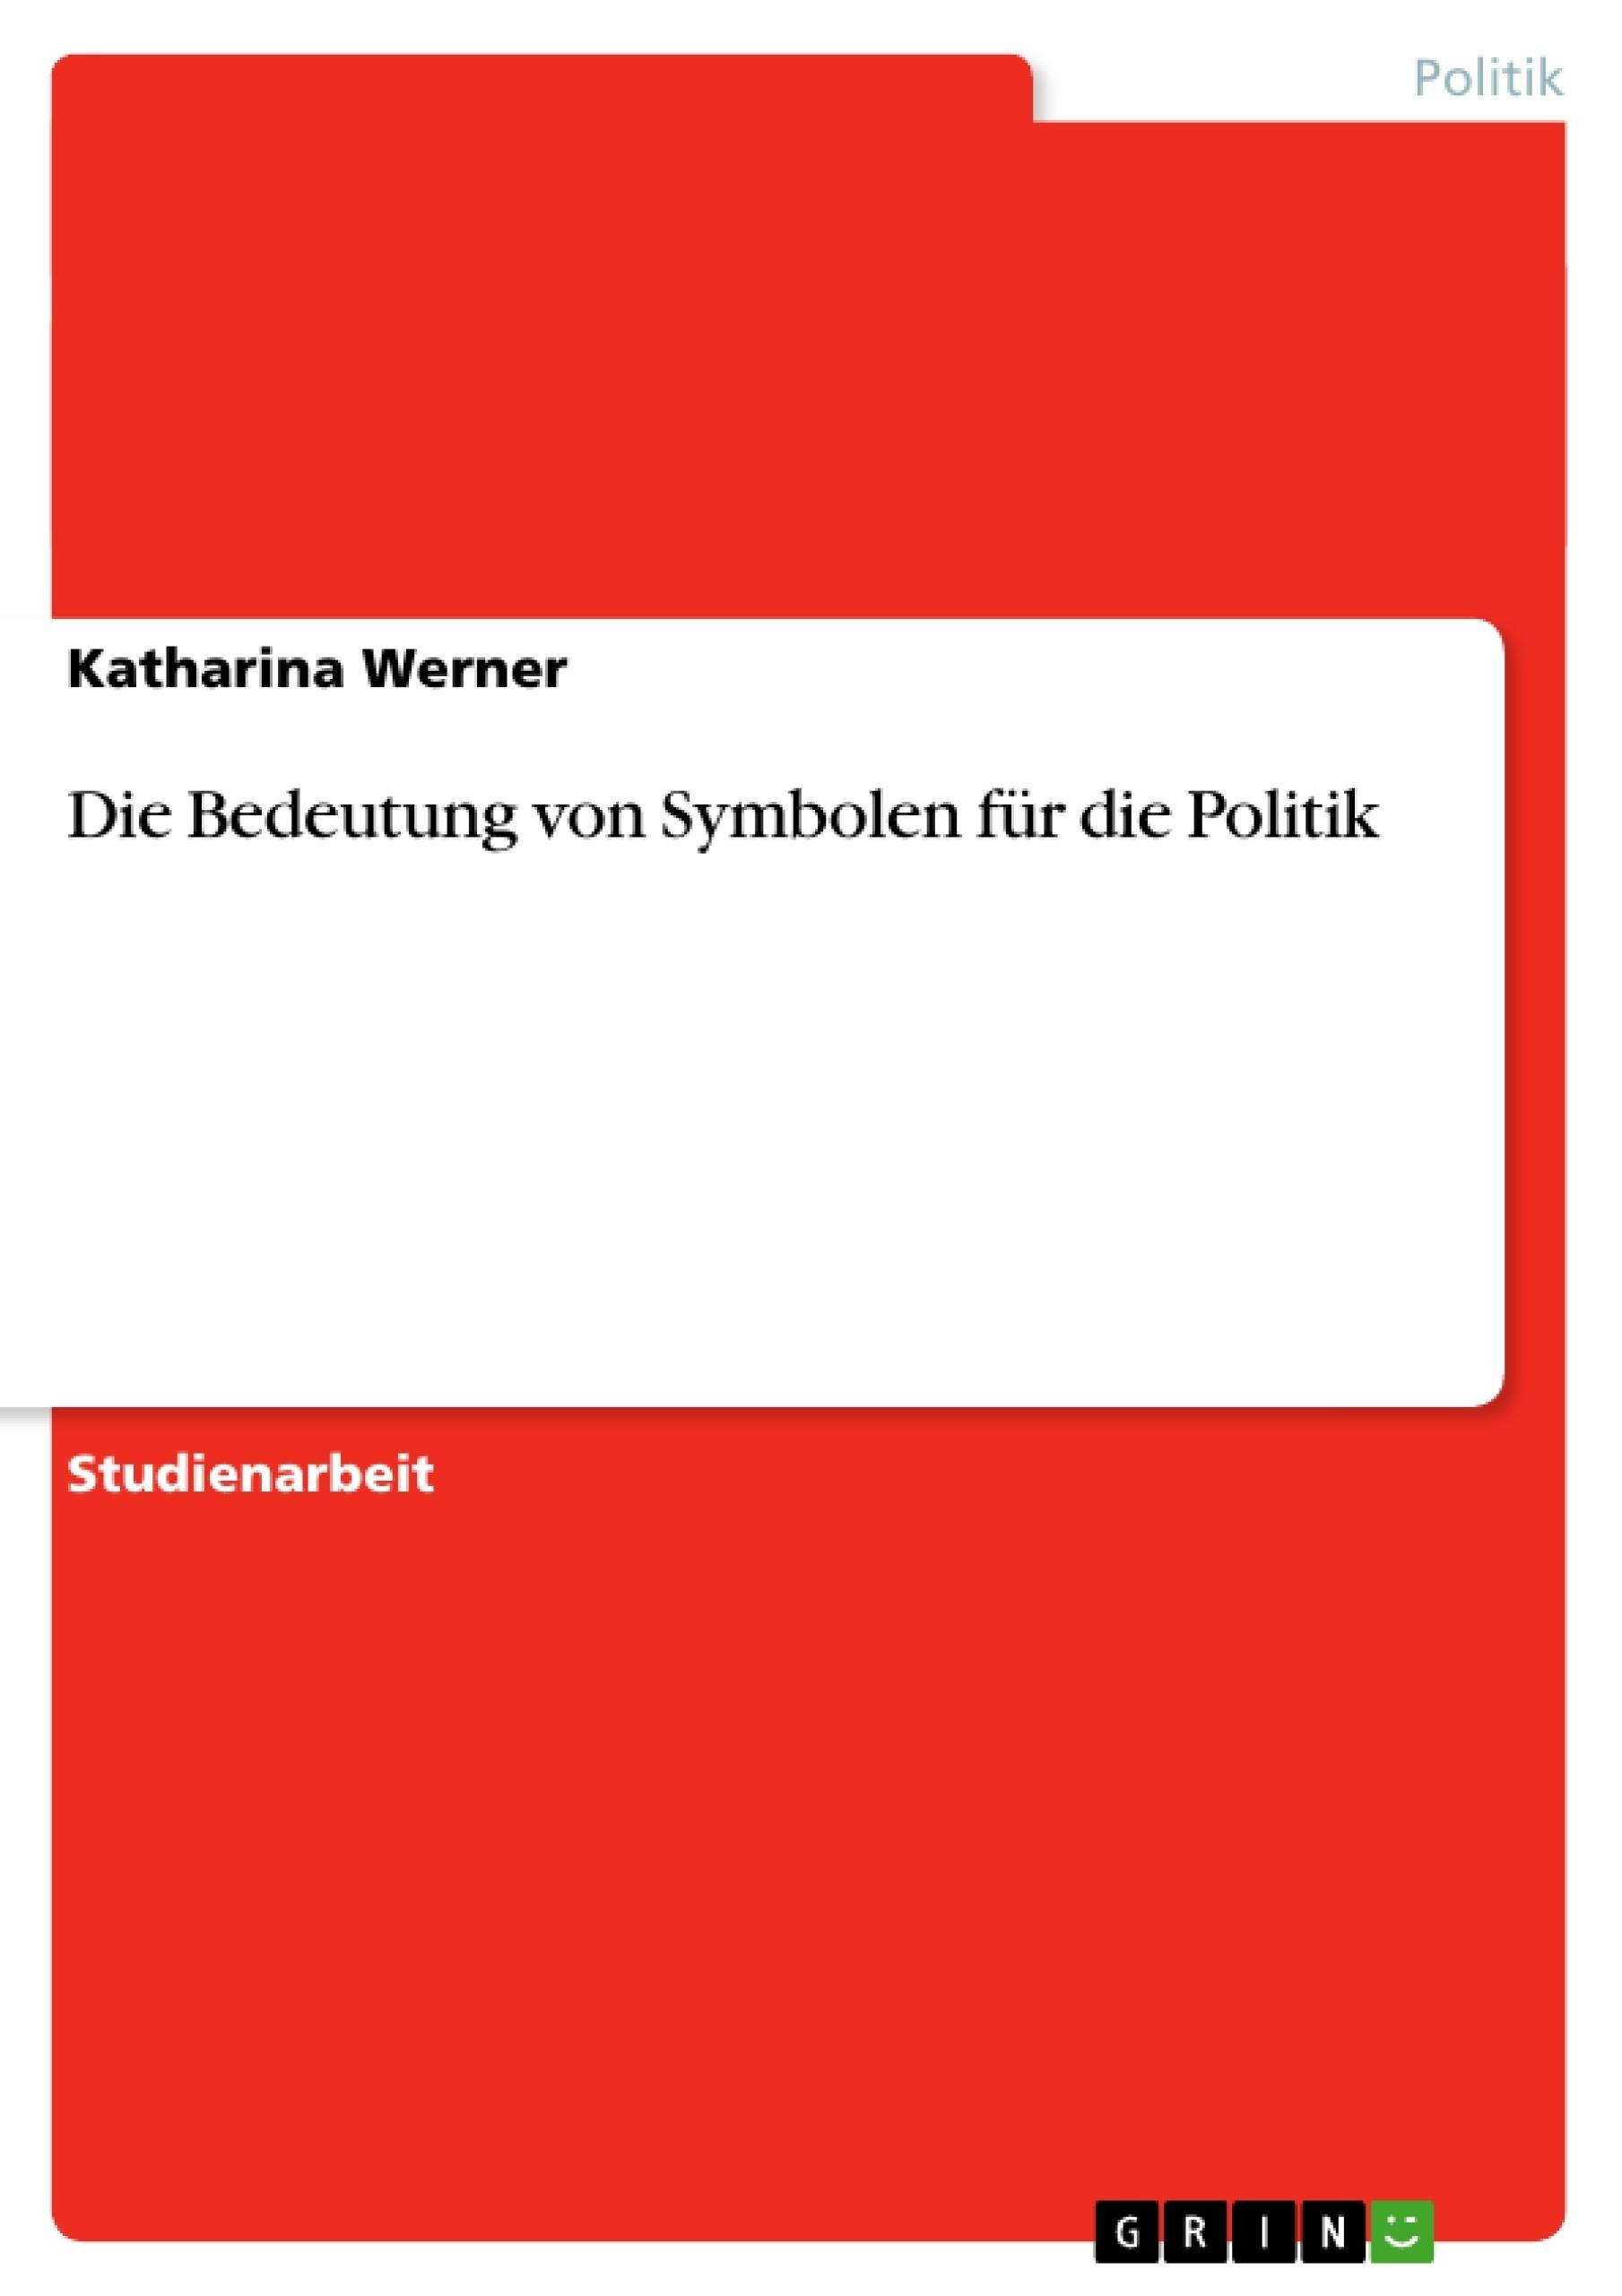 Titel: Die Bedeutung von Symbolen für die Politik